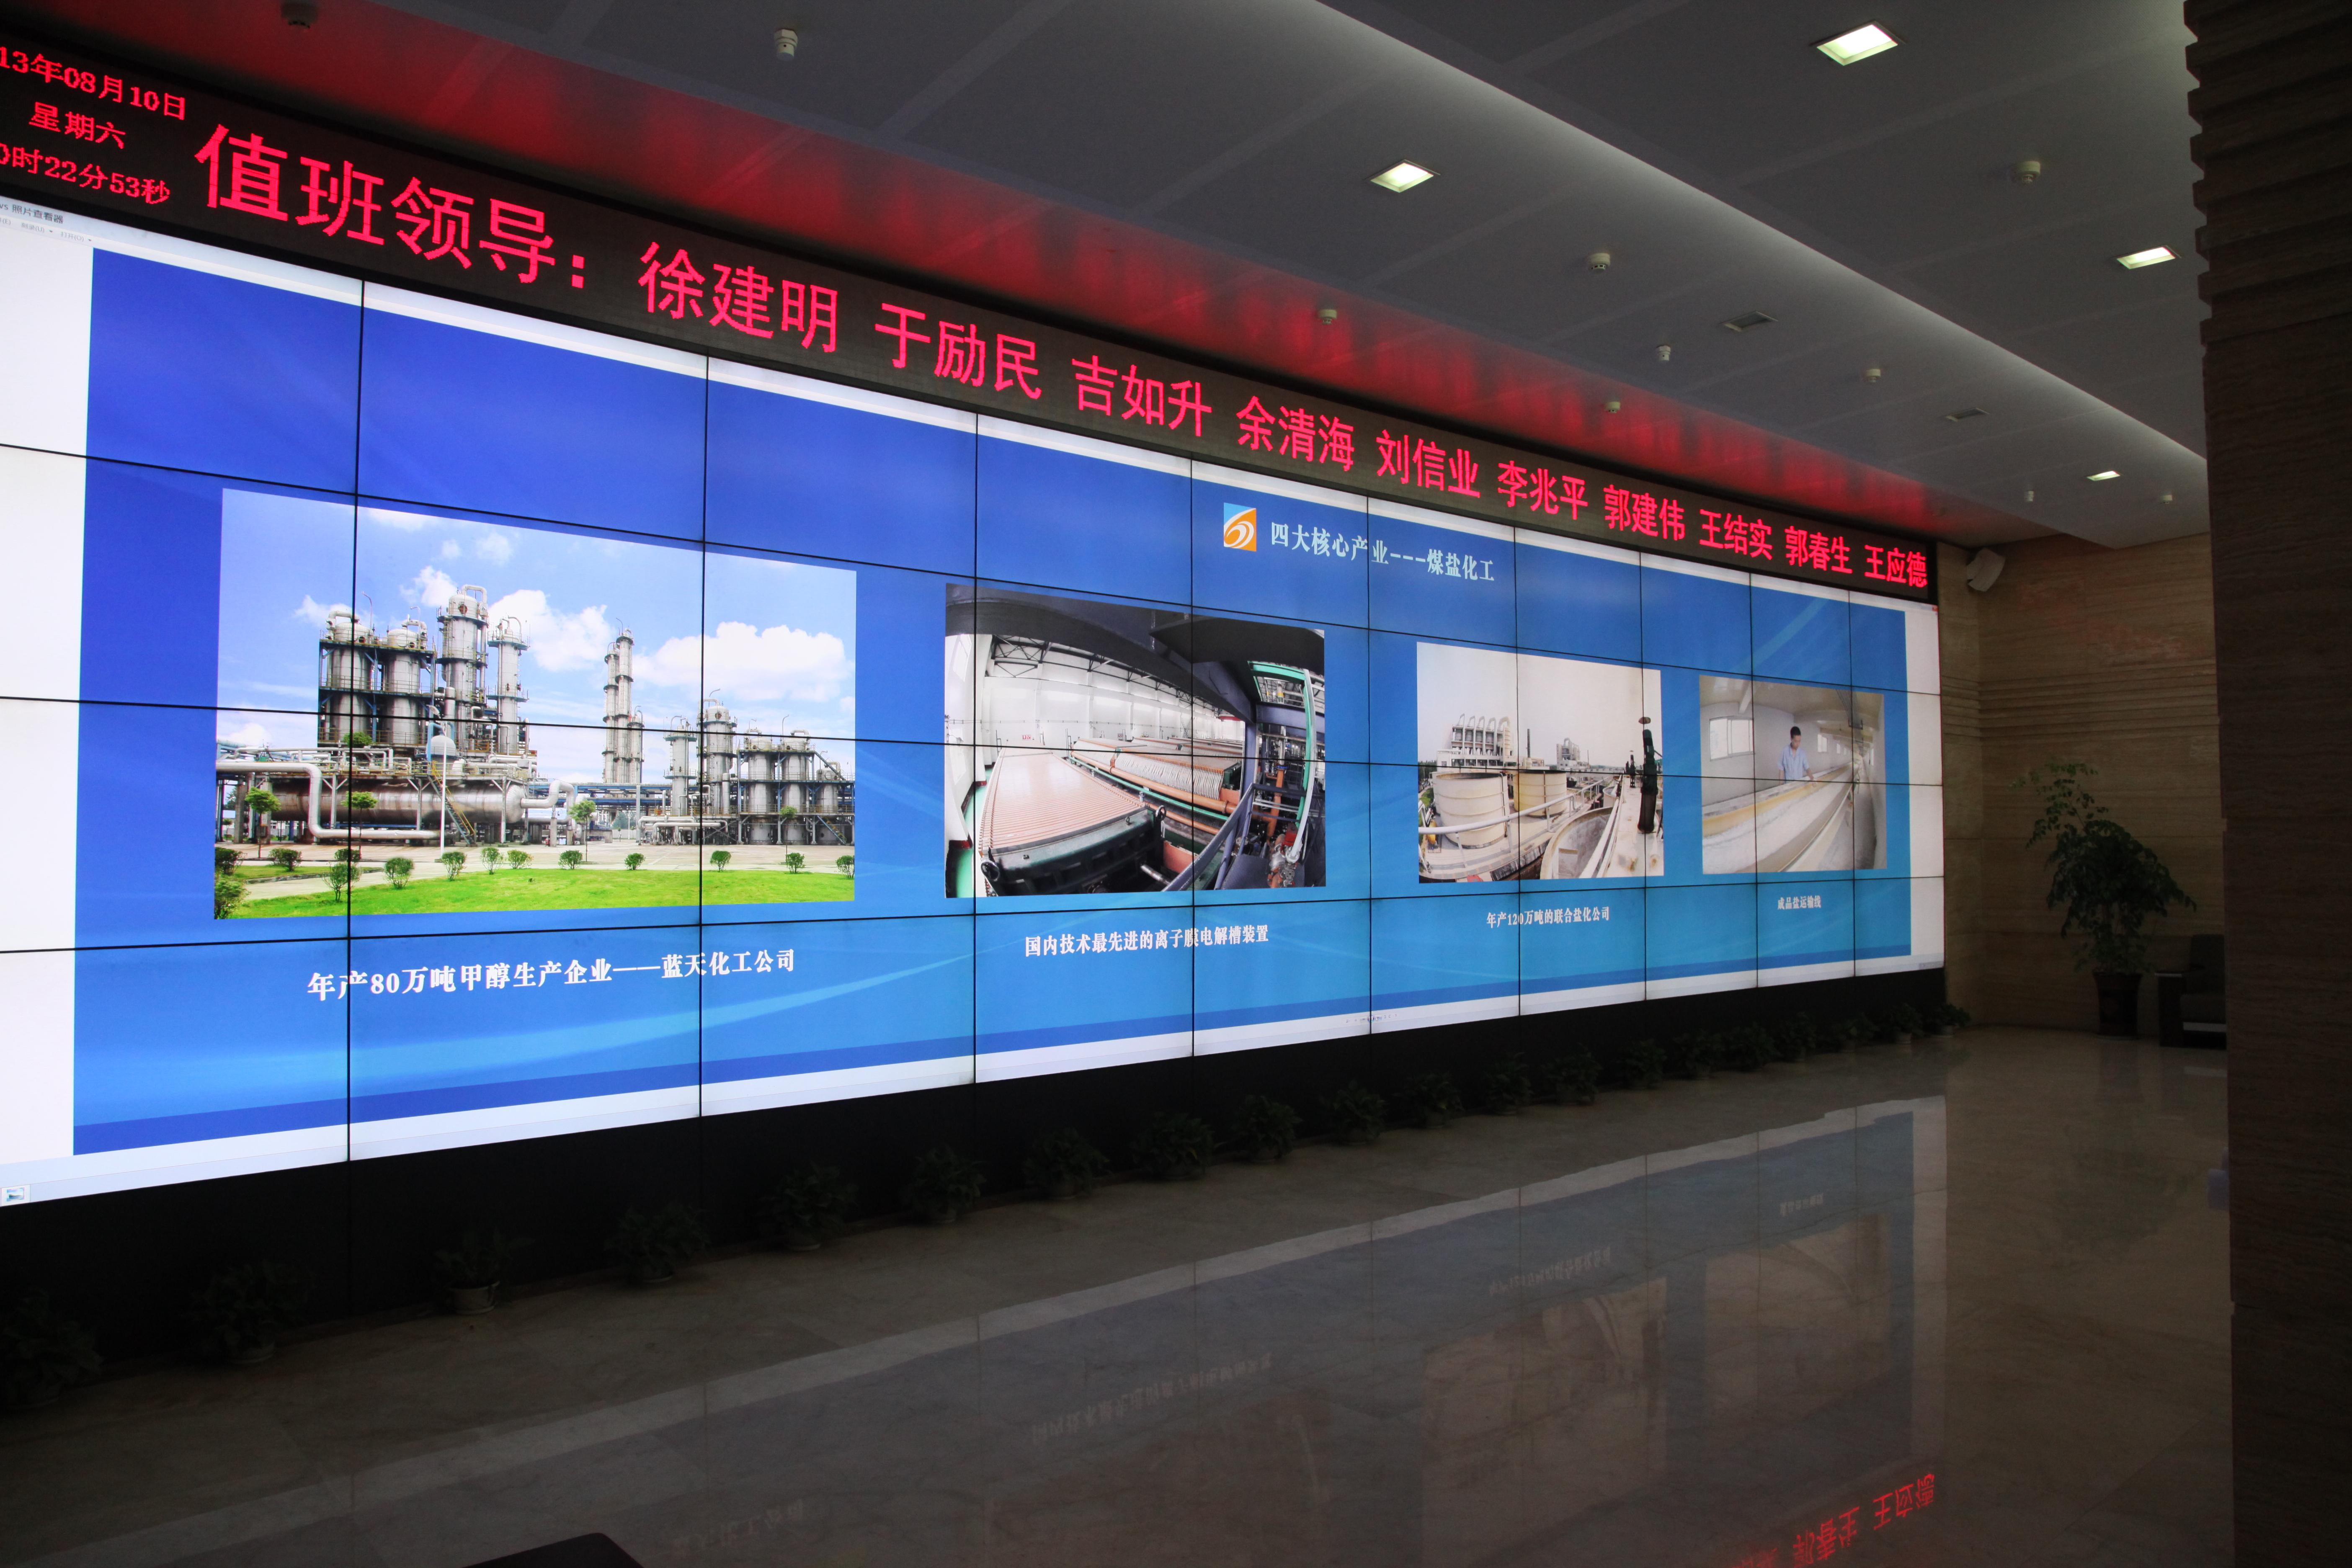 中平能化总调度室视频联动调度监控指挥系统